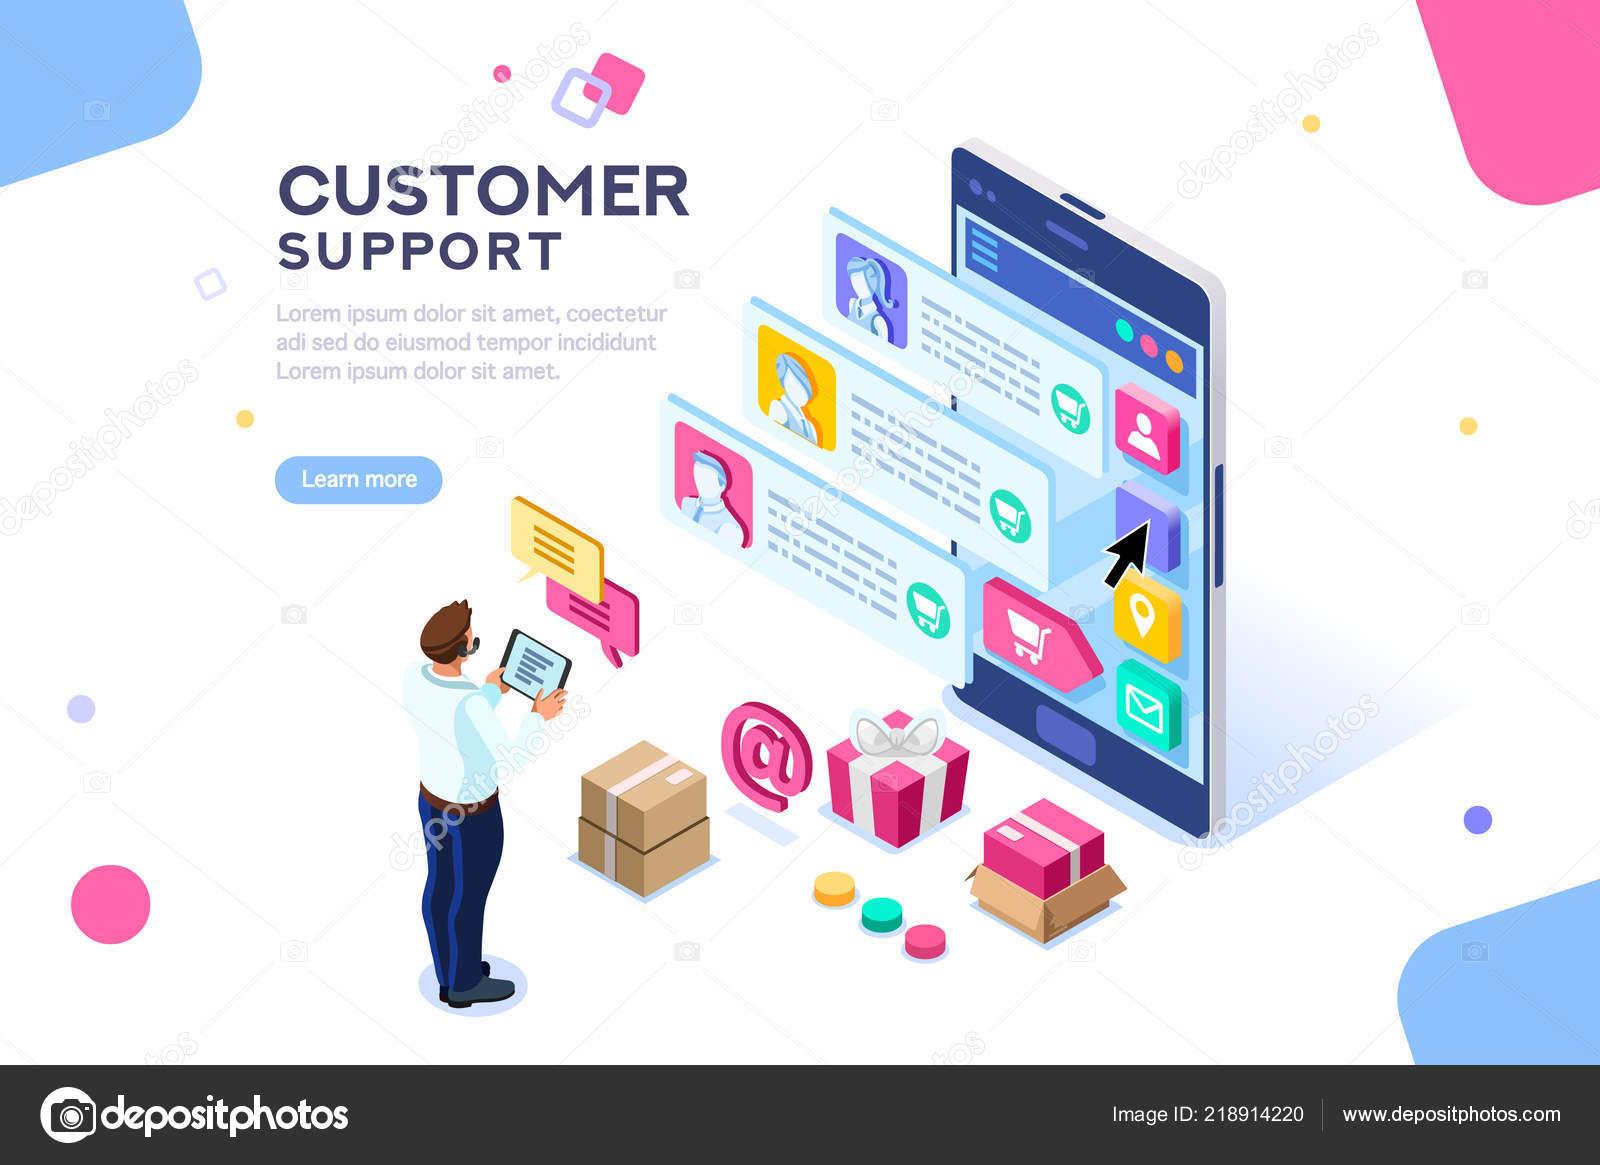 Commerciele Ondersteuning Voor Klant Transactie Website Consument